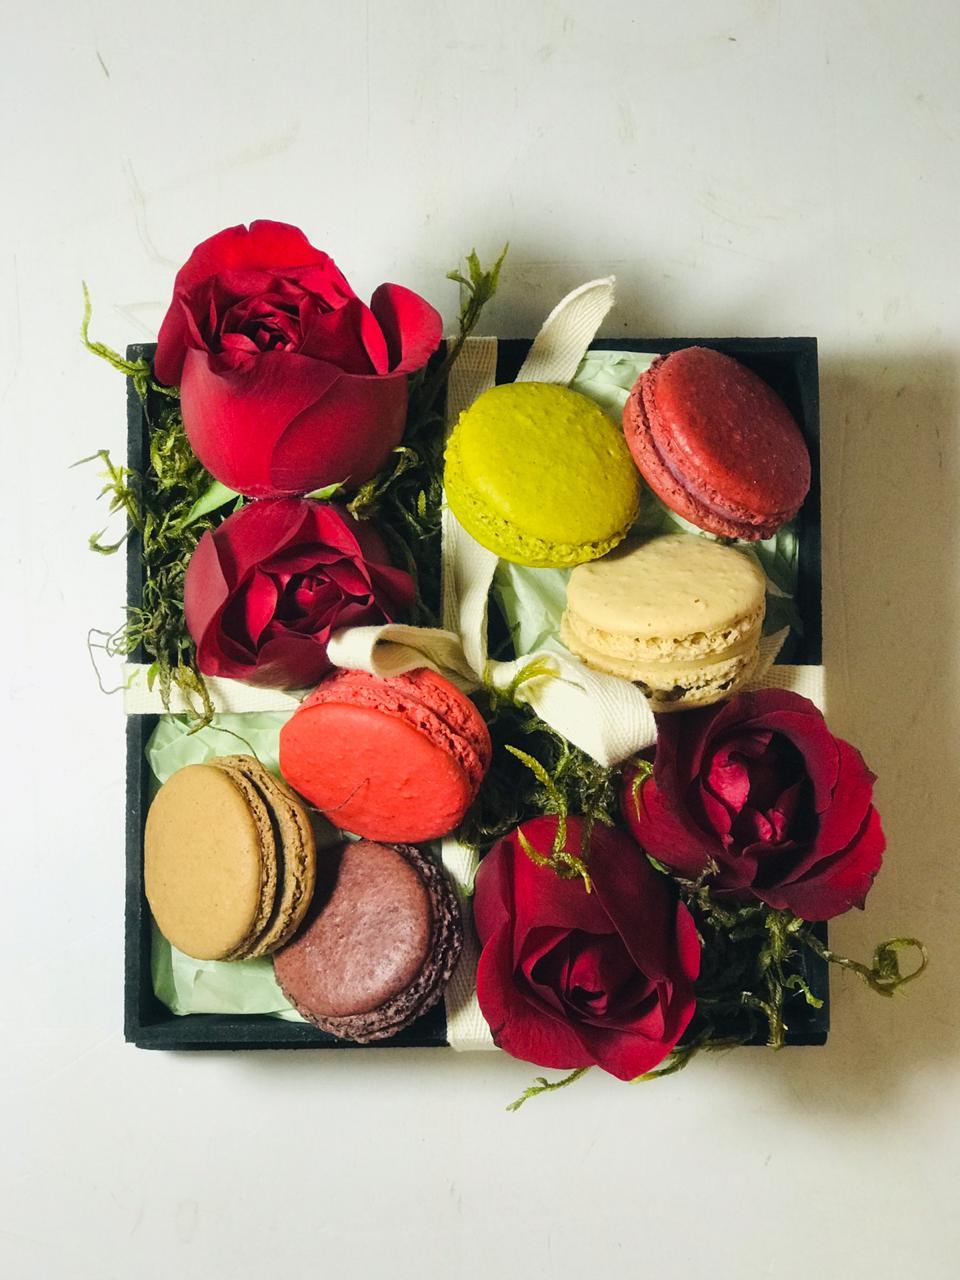 Especial dia dos Namorados - Macaron